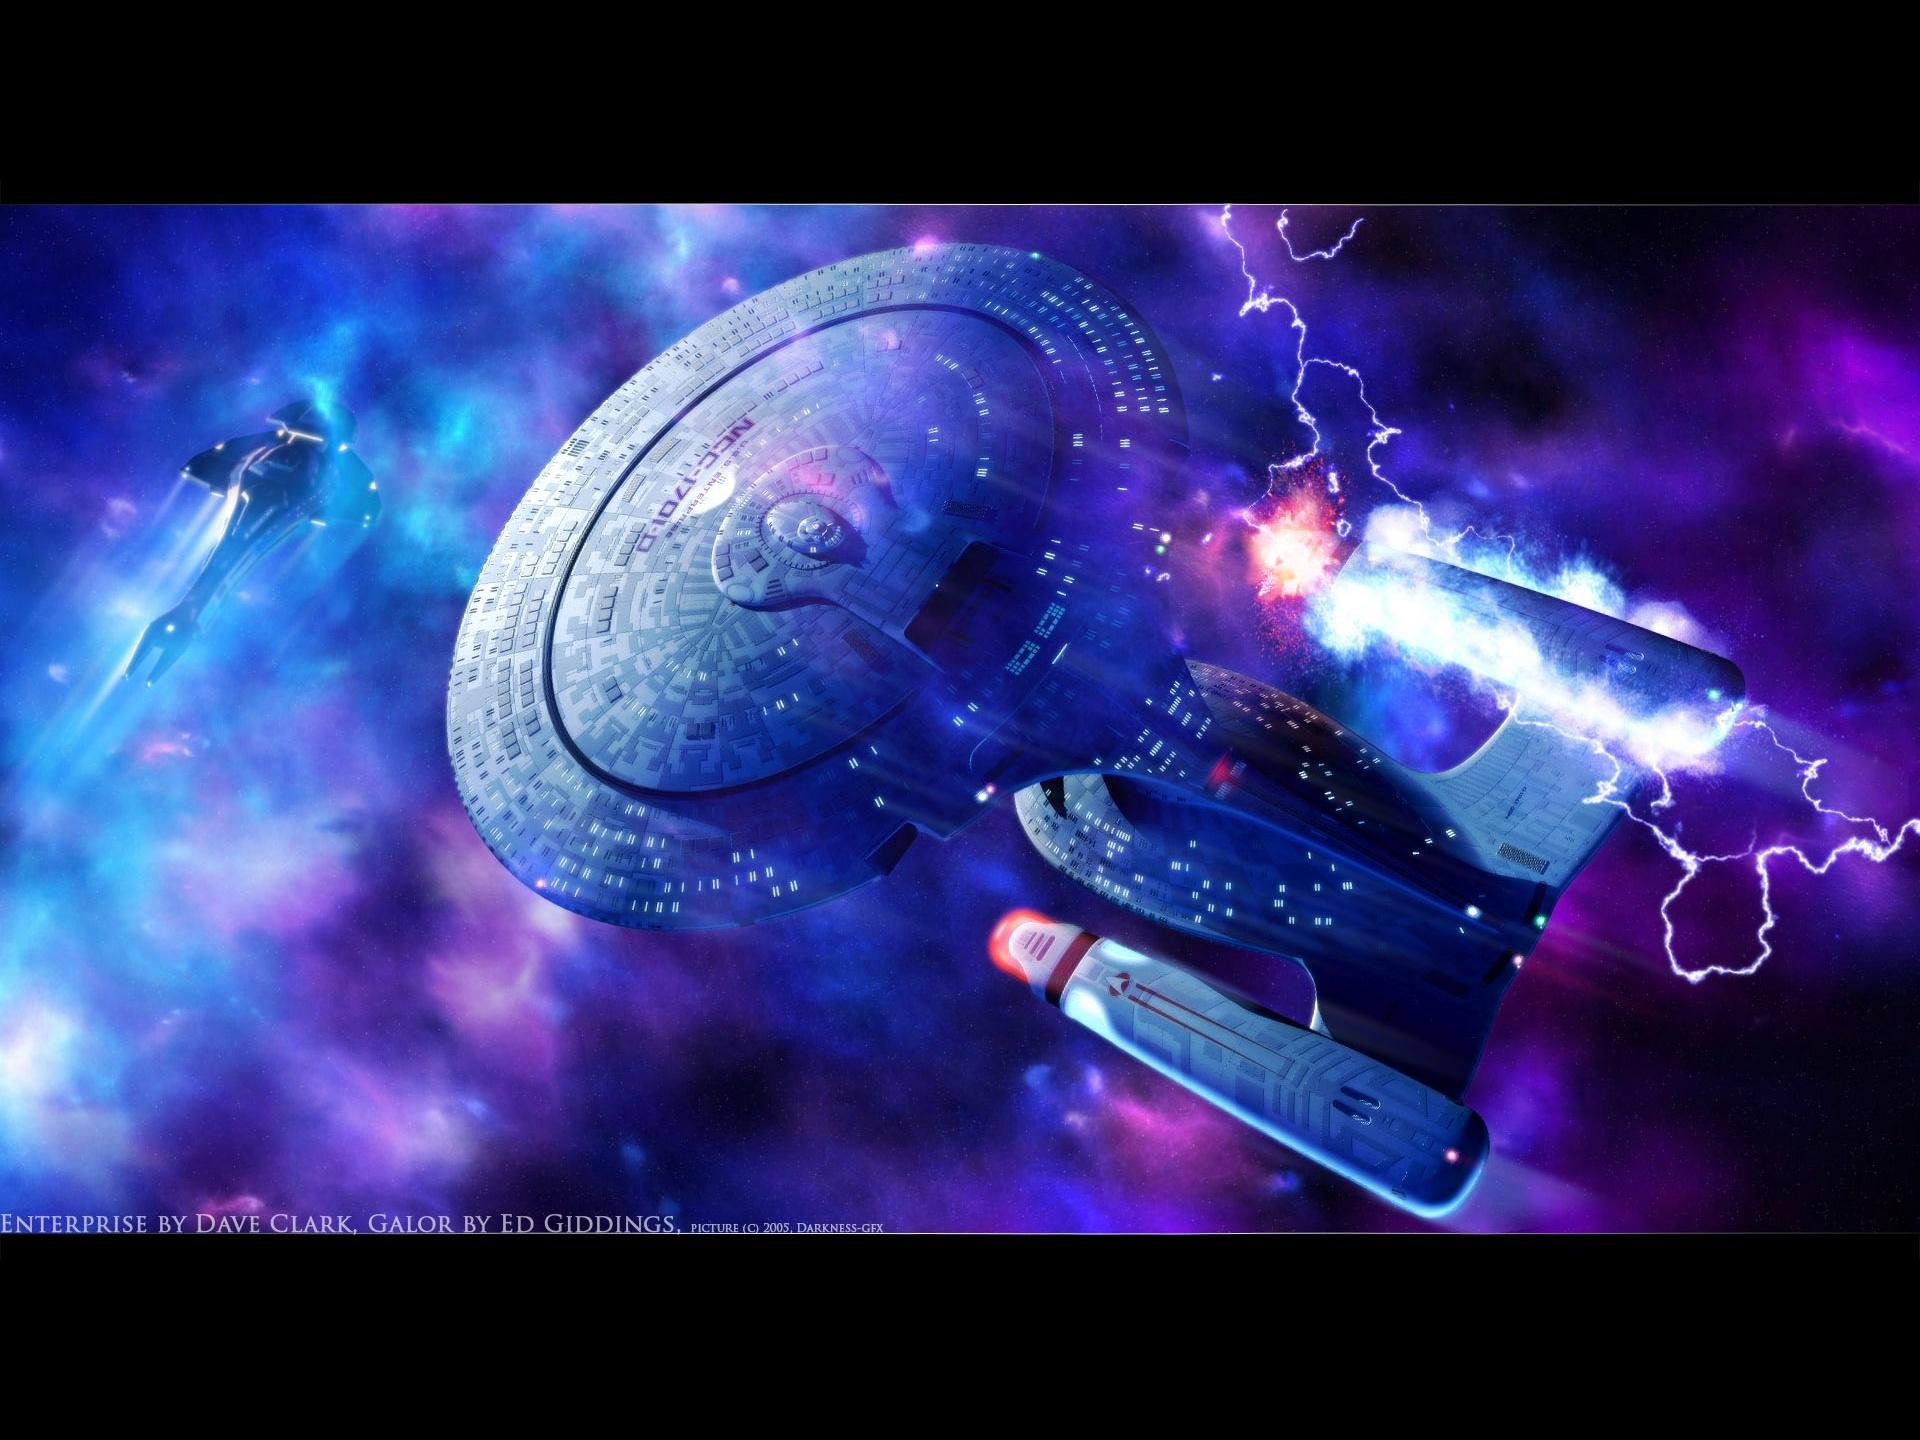 Star Trek Enterprise D Art 392871 Hd Wallpaper Backgrounds